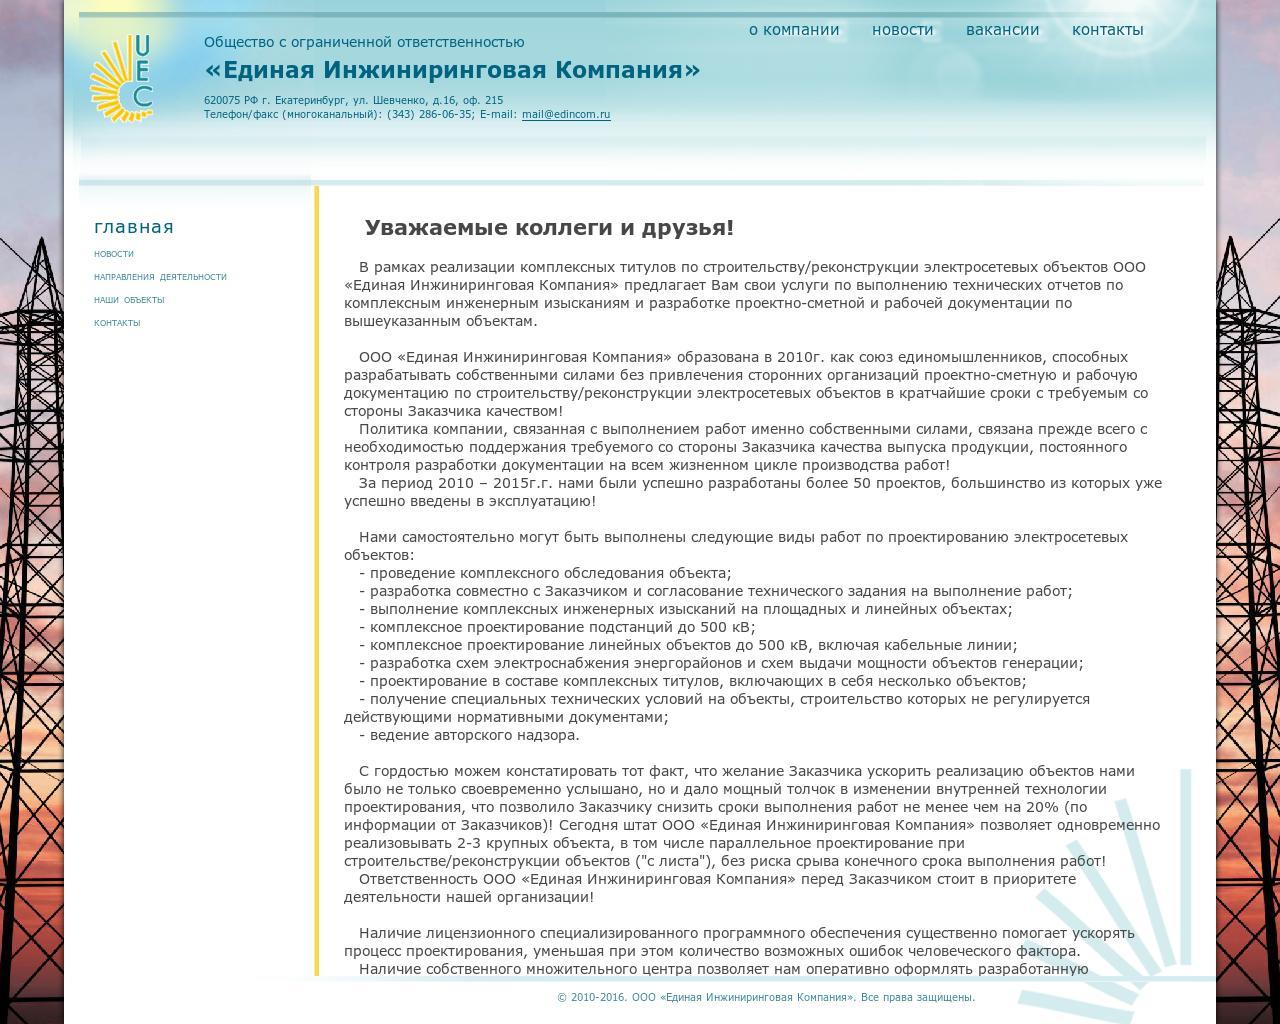 Документы которые регулируют инжиниринговую деятельность